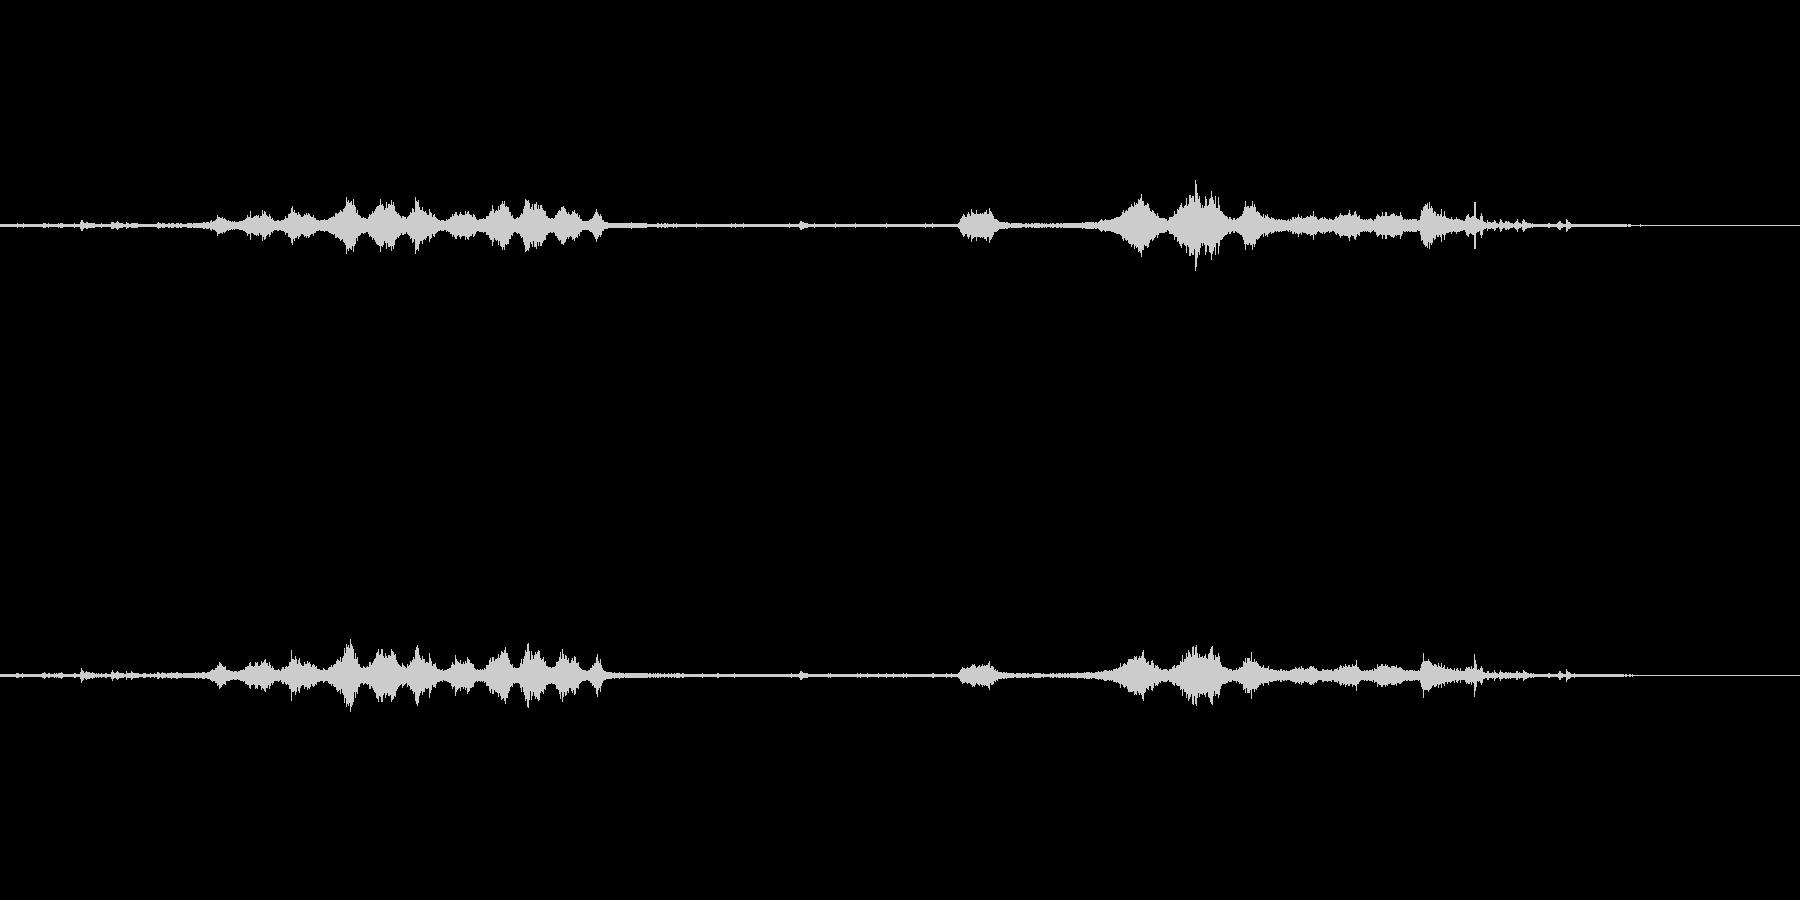 真下から録音した電車の通過音の未再生の波形